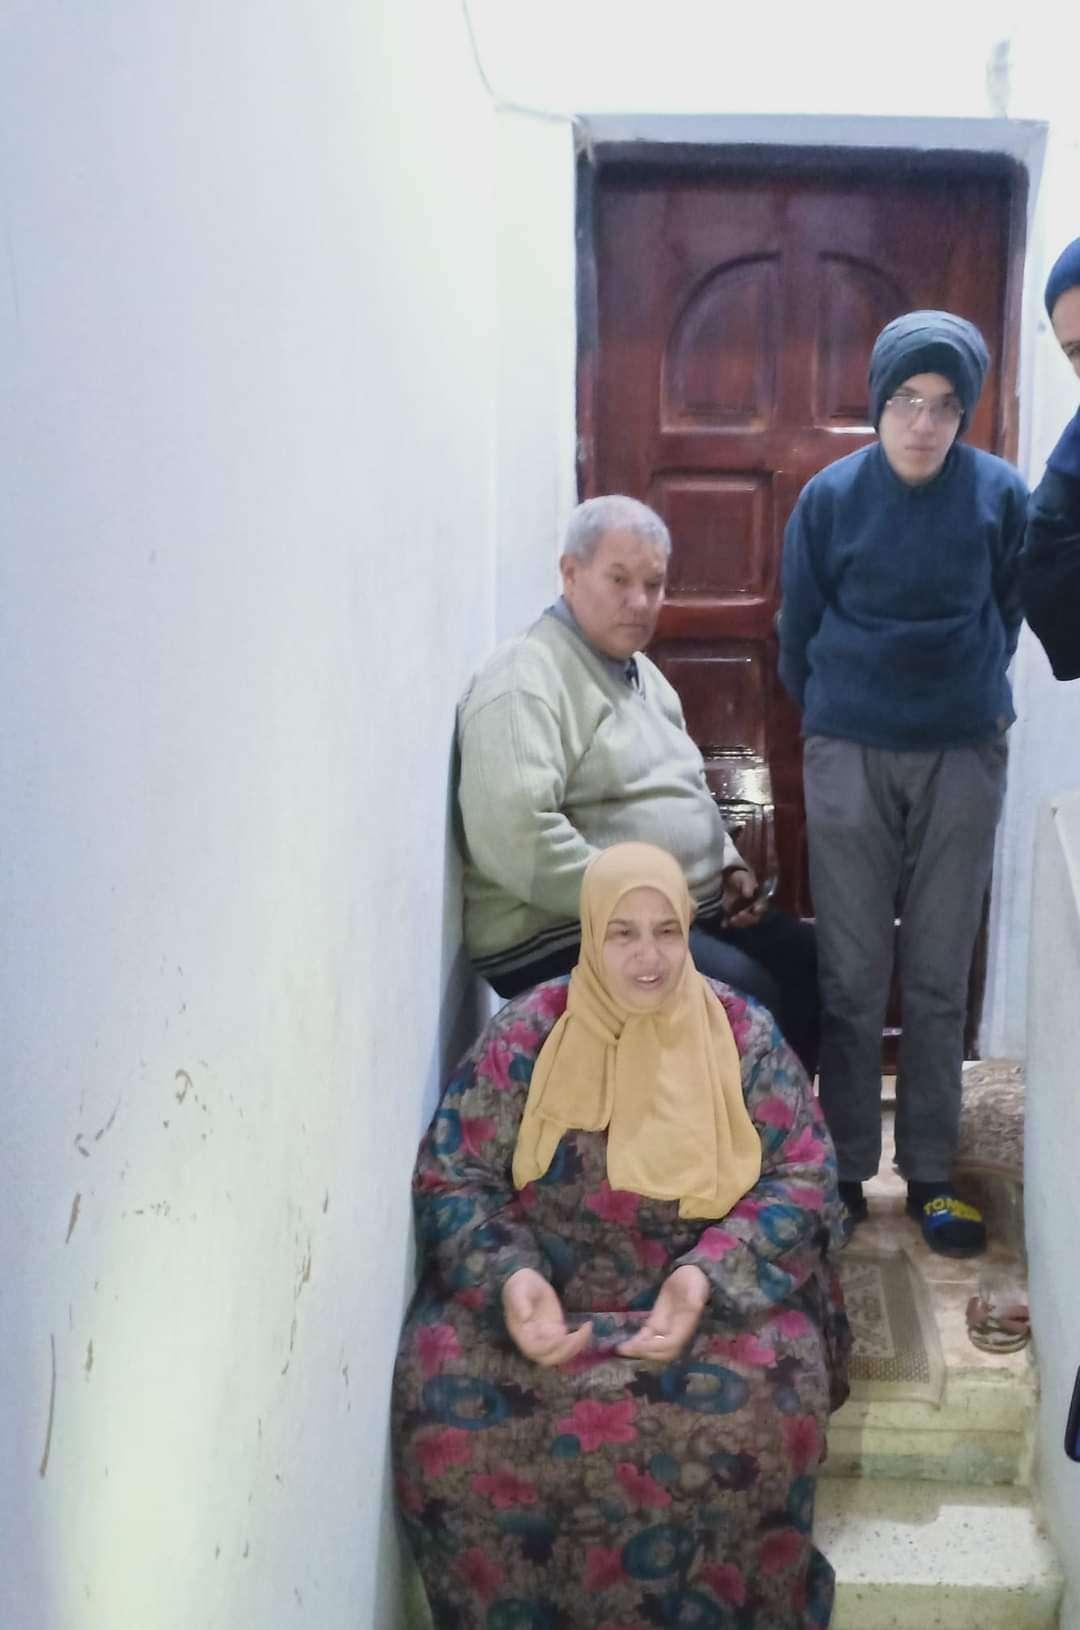 ابن عاق يعتدي علي والديه وشقيقه المريض ويطردهم من الشقه إرضاء لزوجته